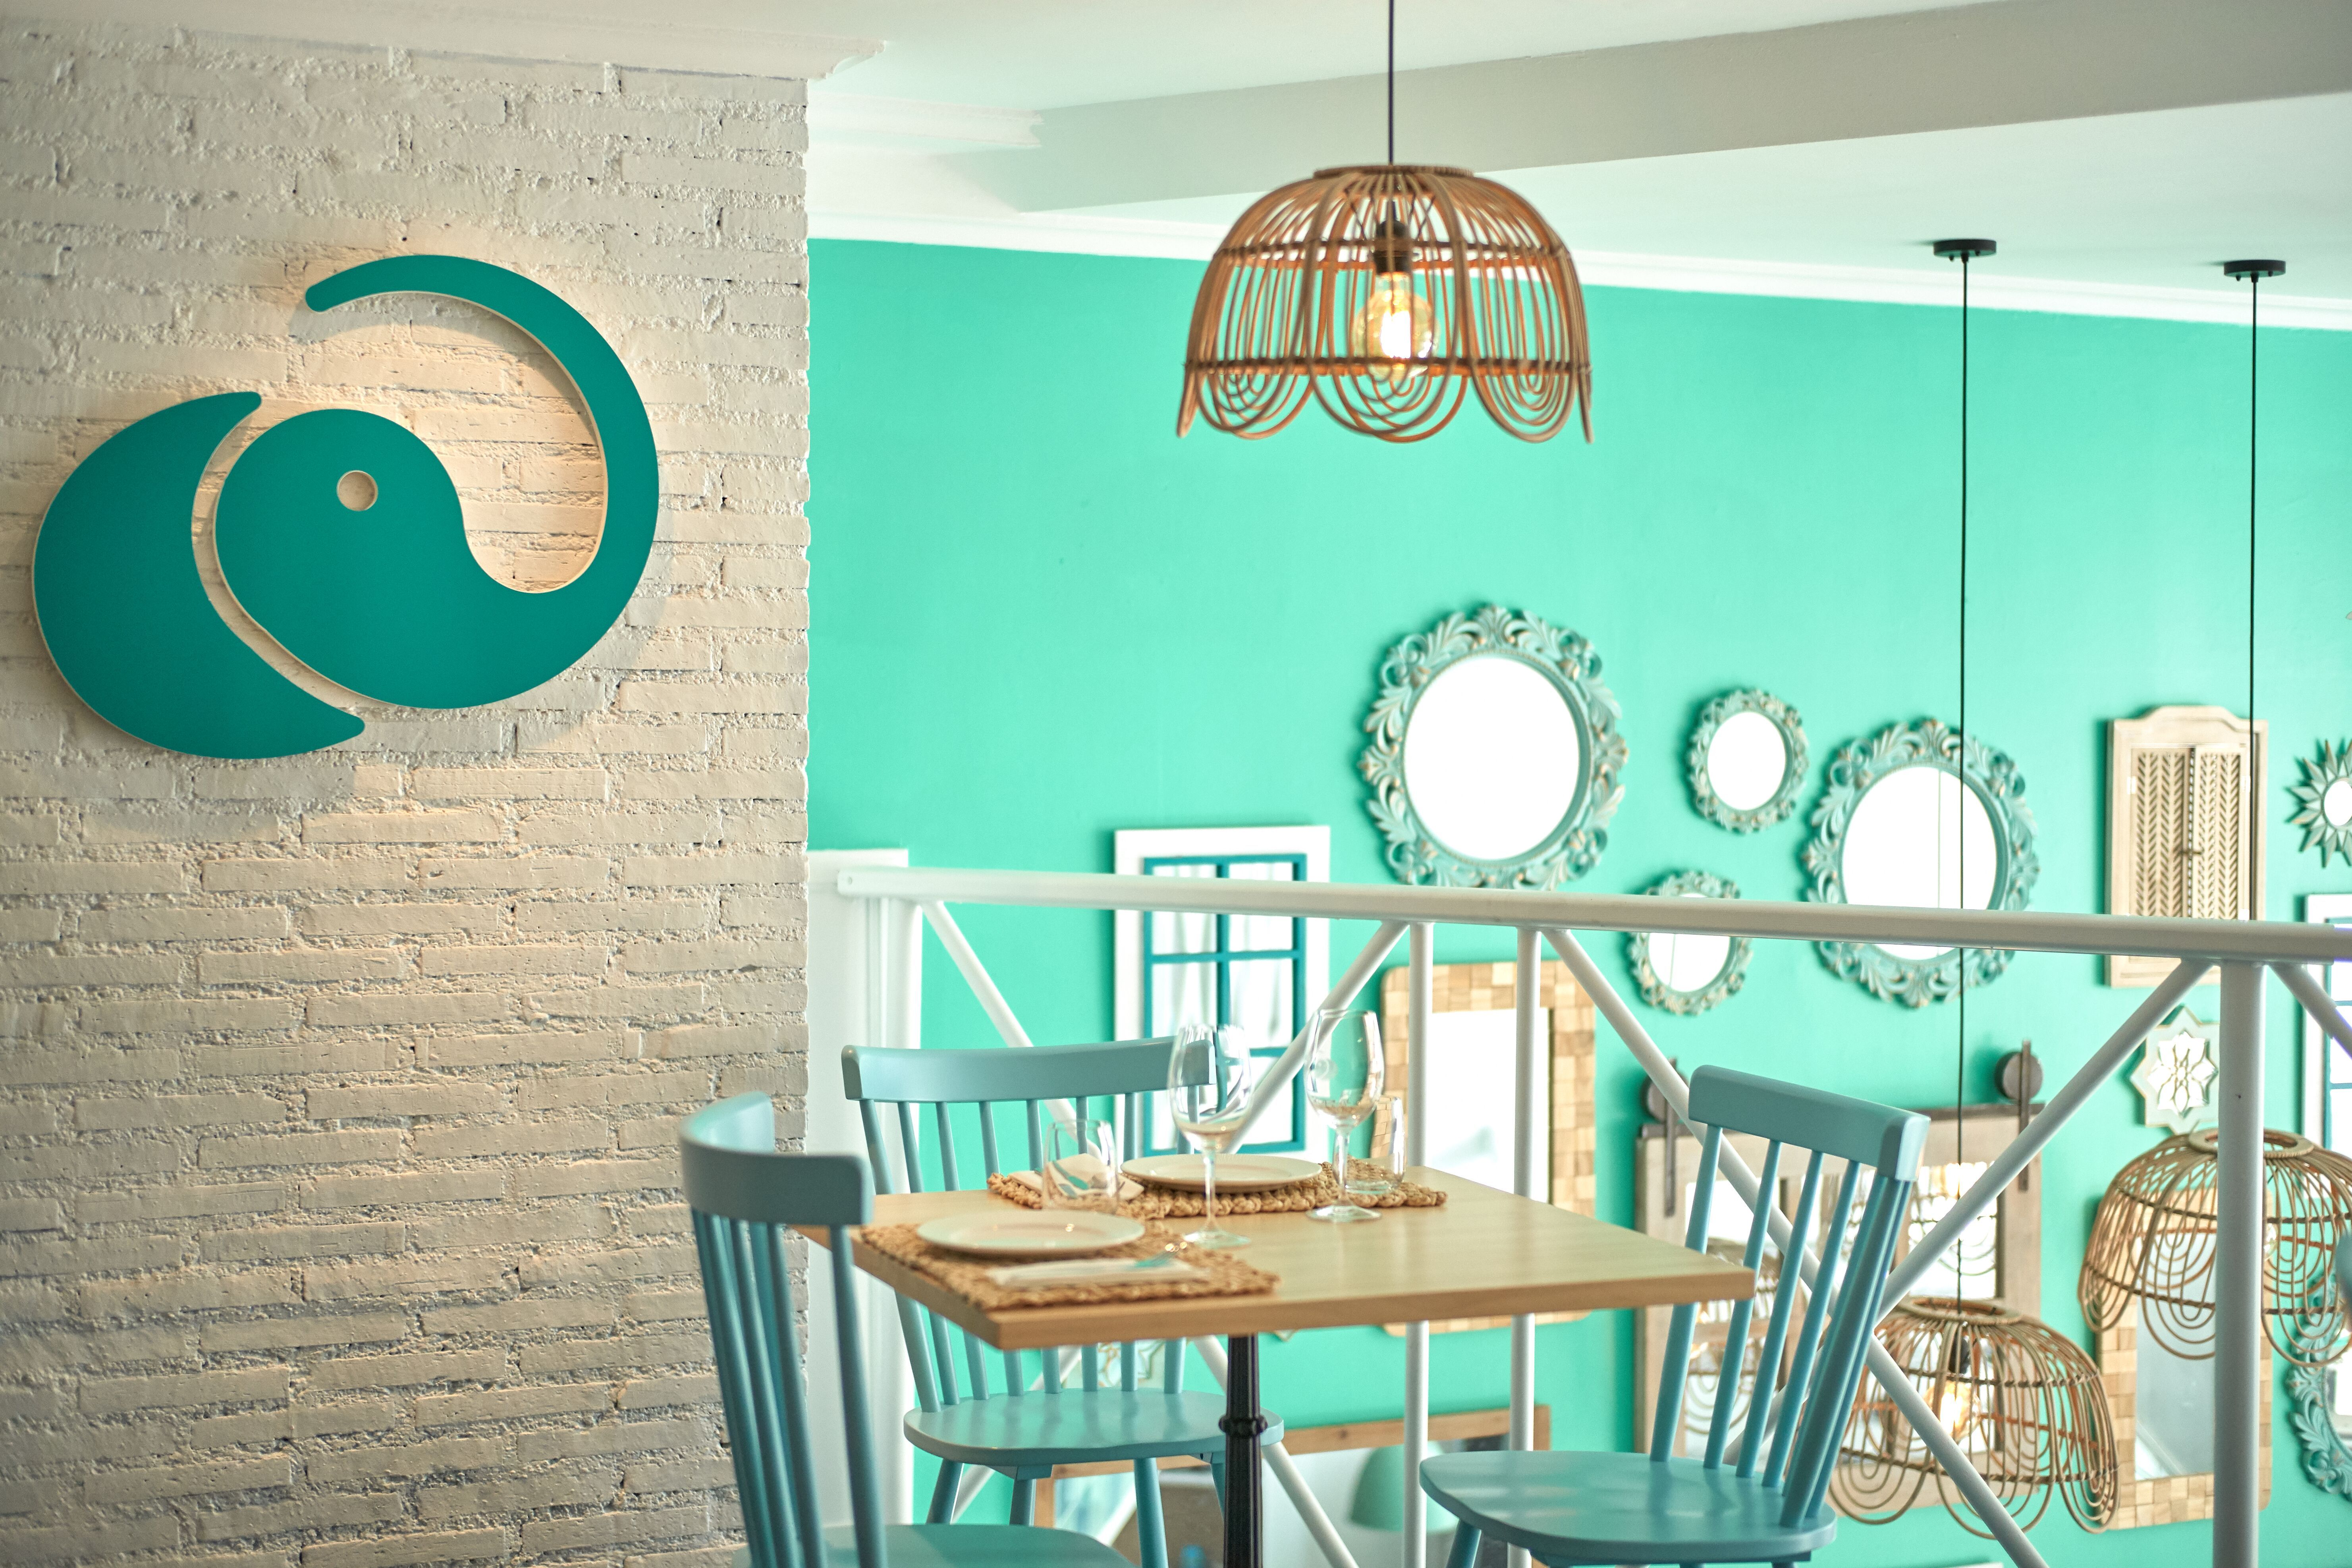 Restaurante con gran oferta gastronómica en Gijón